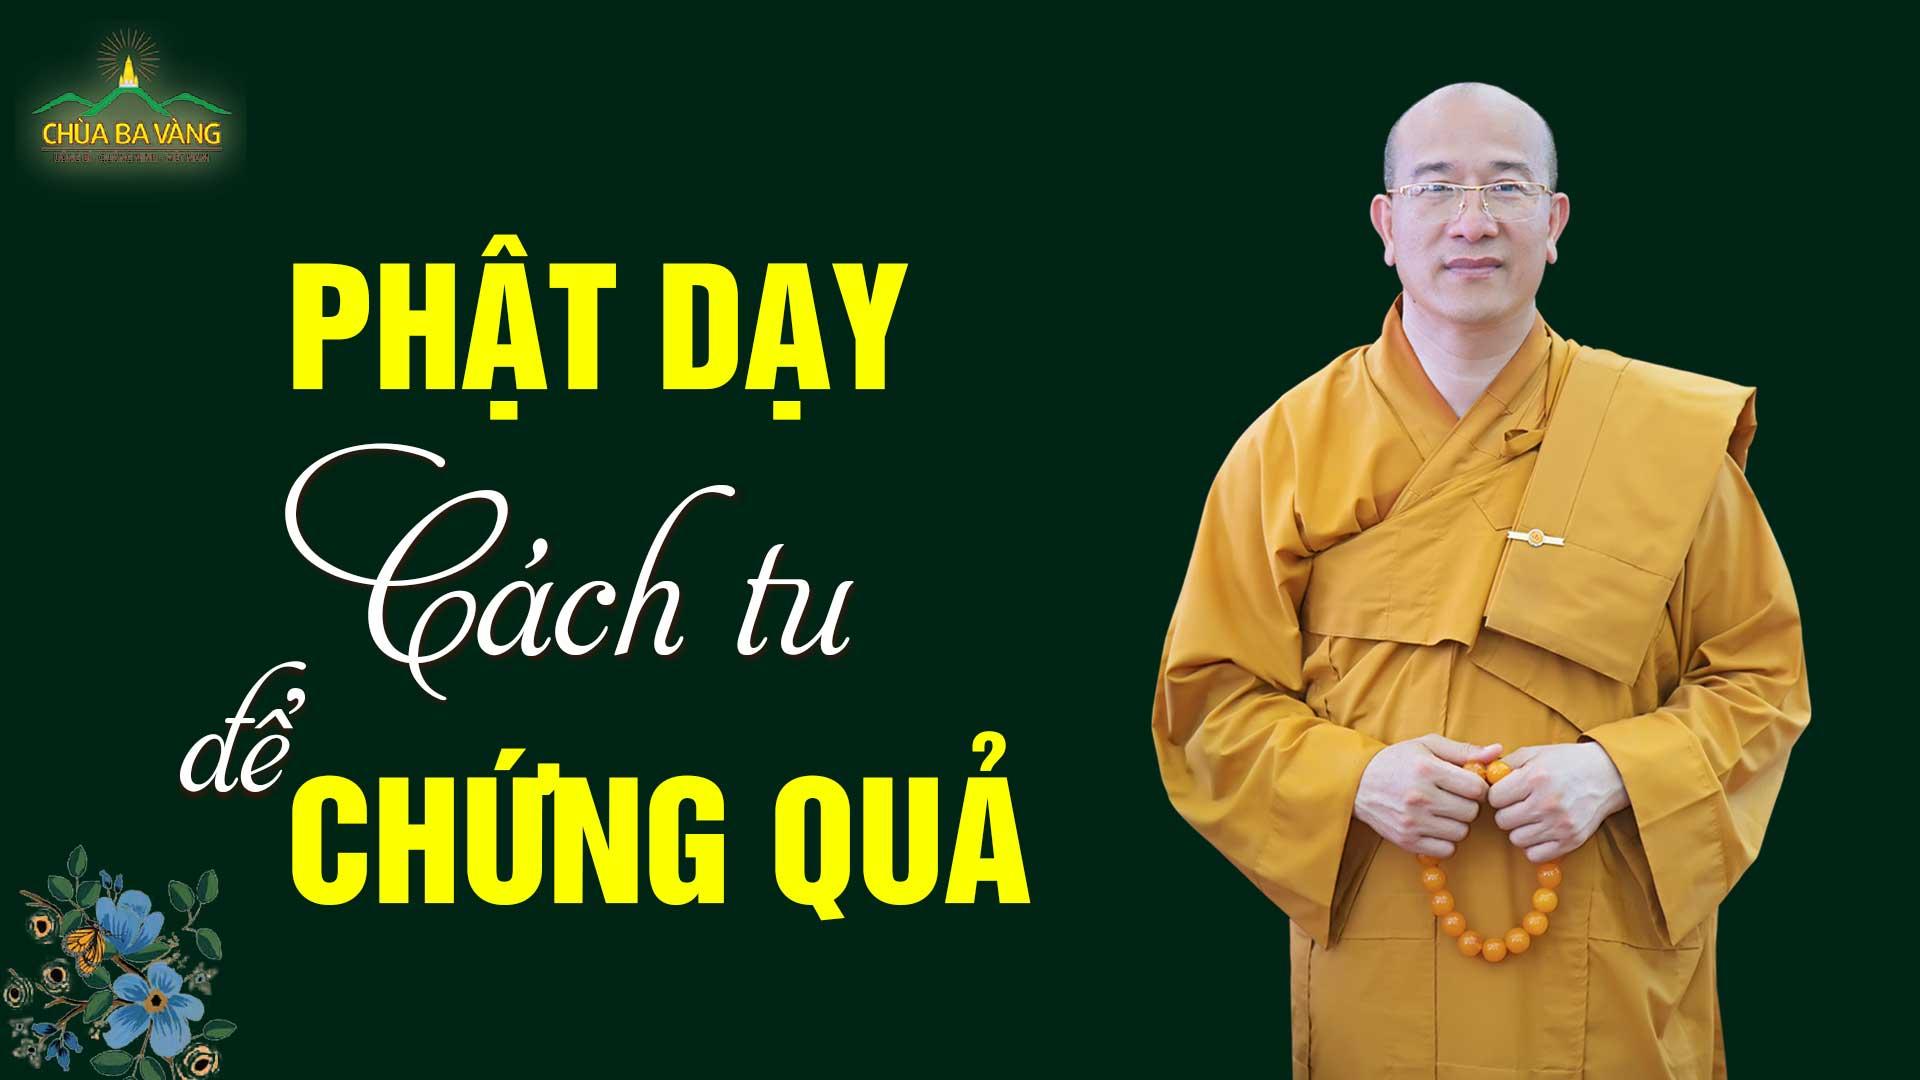 Phật dạy cách tu sao để chứng quả Tu-đà-hoàn?